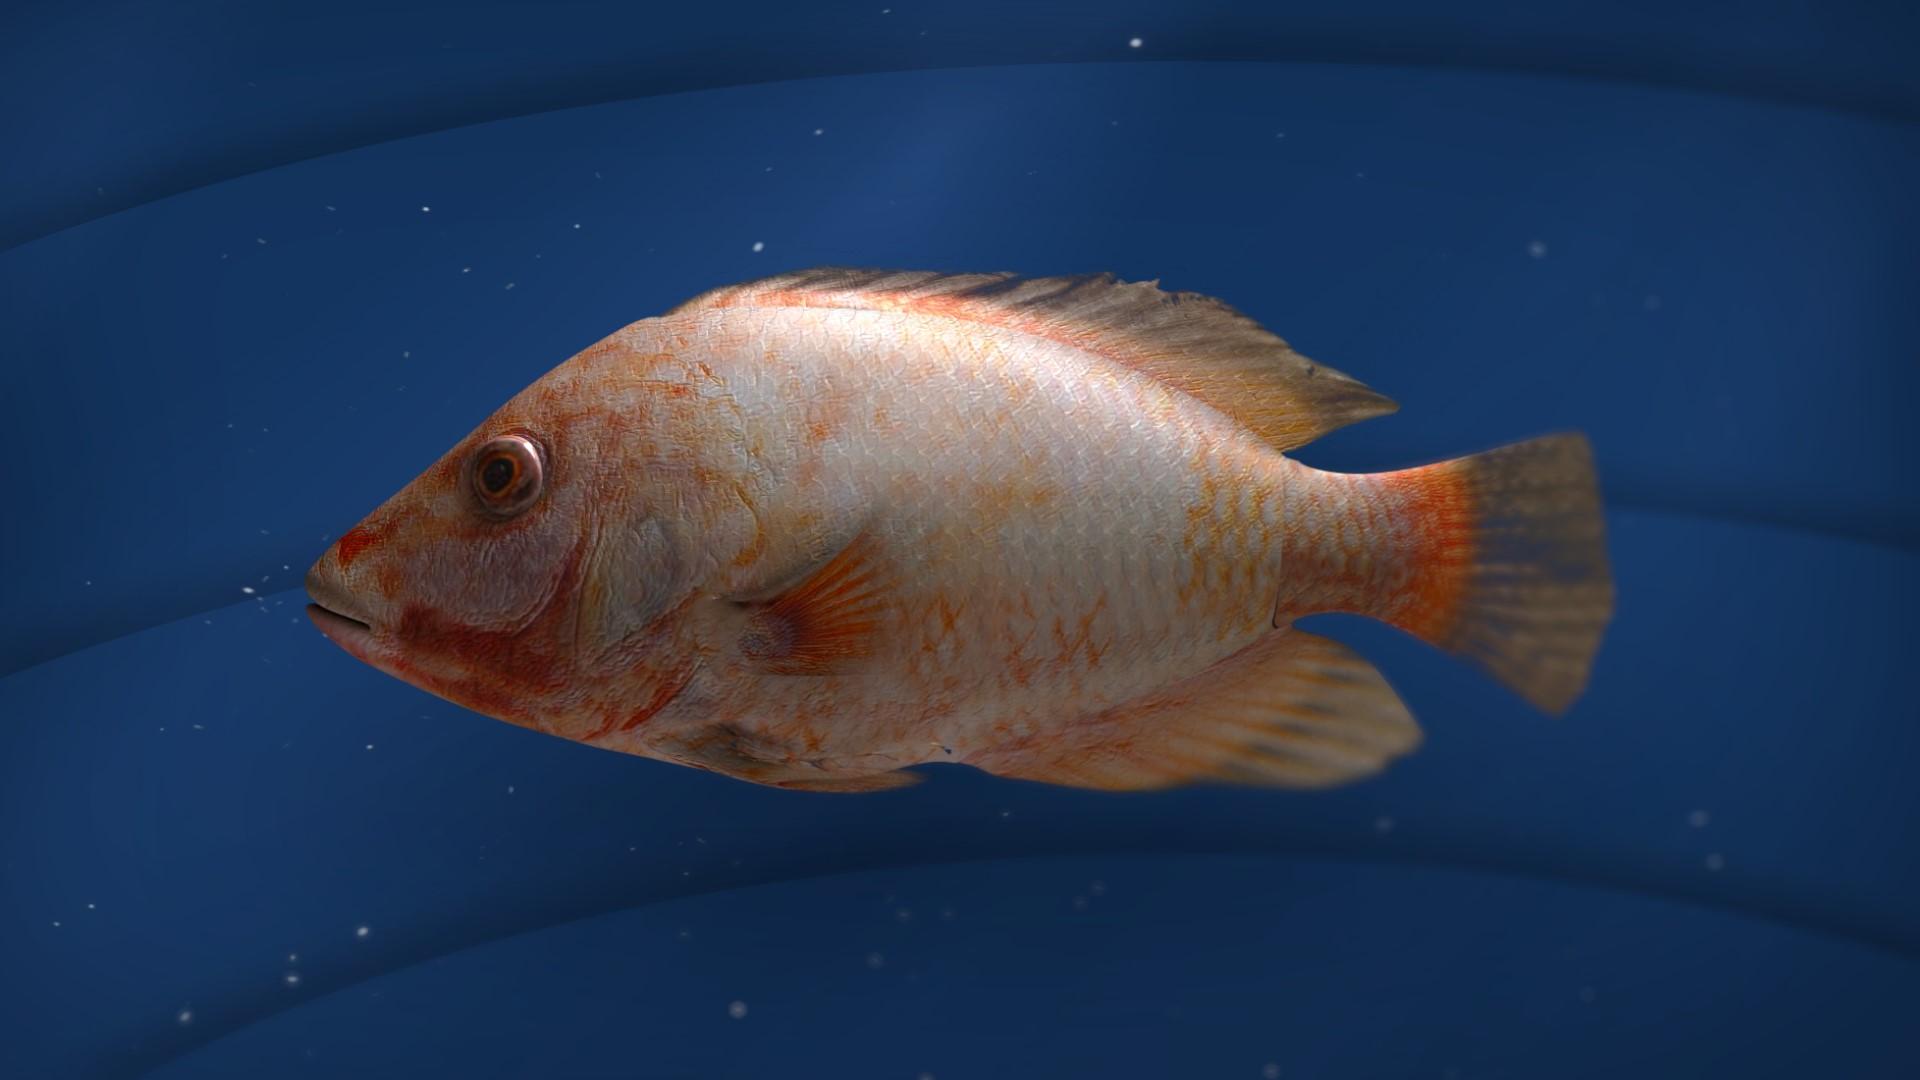 FISH_16X9_v009.jpg